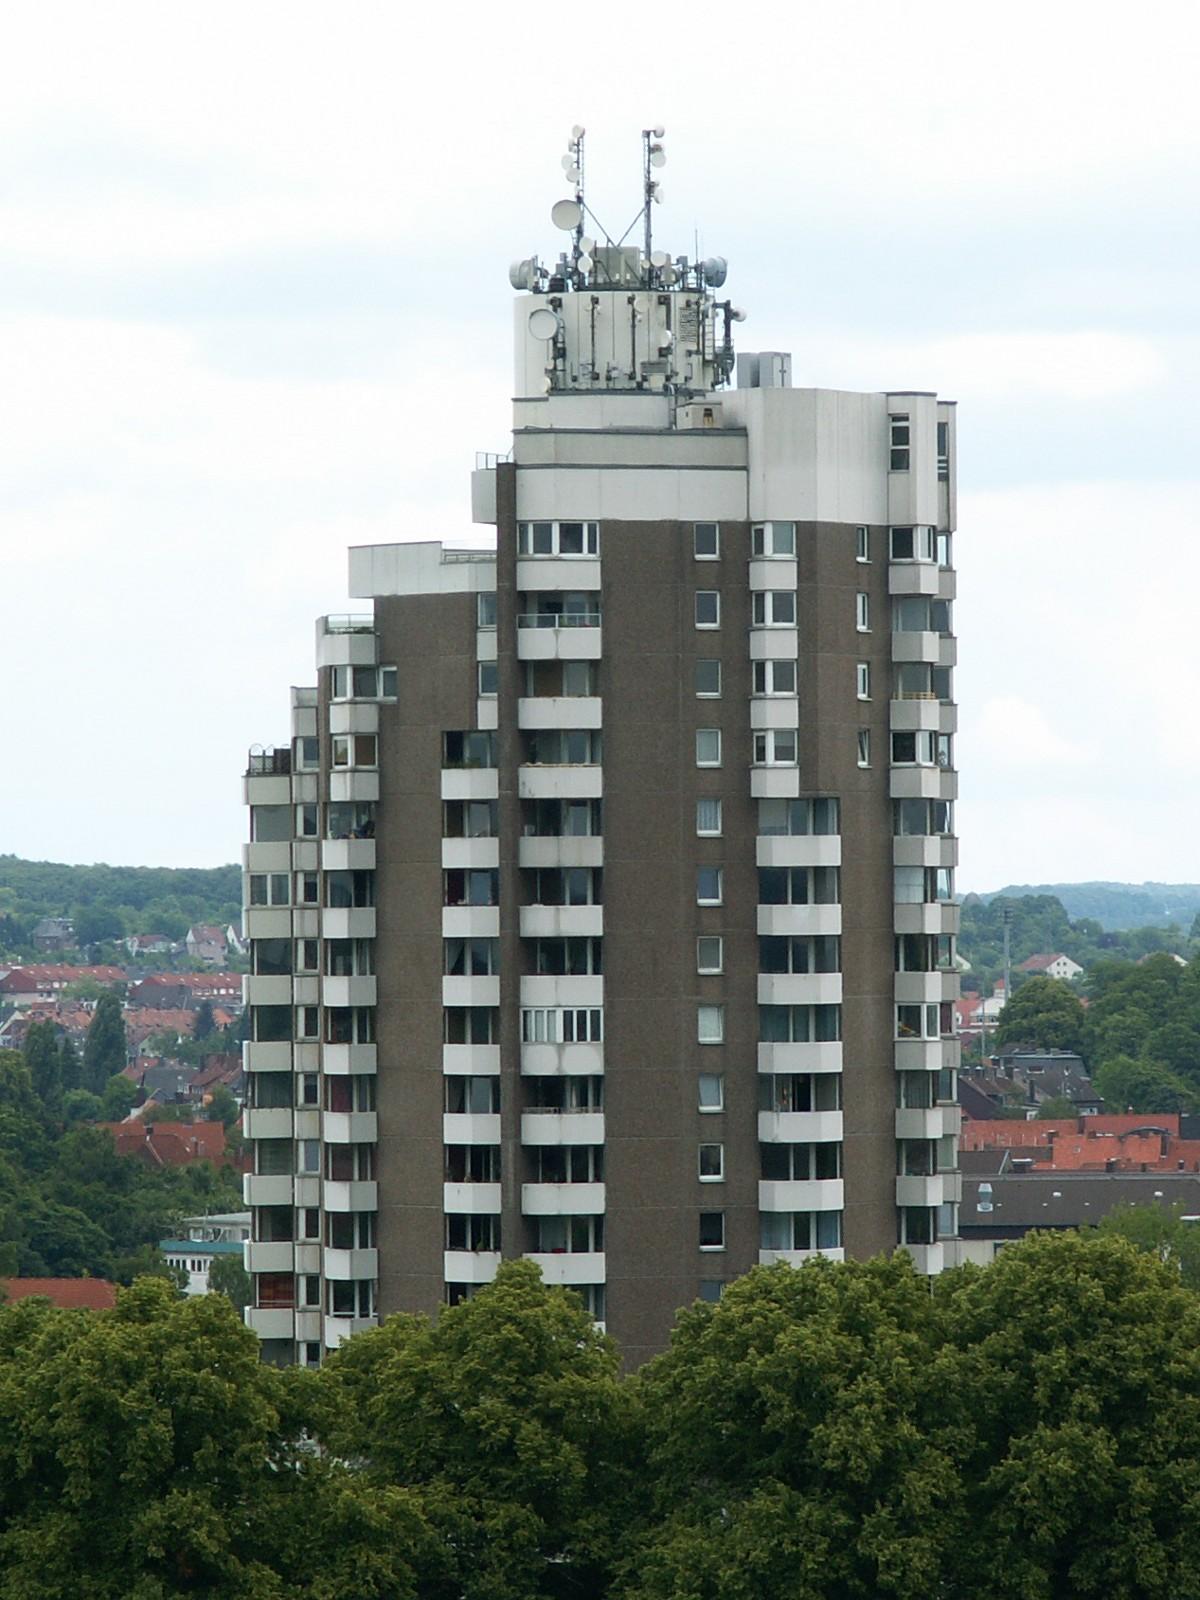 signal iduna osnabrück